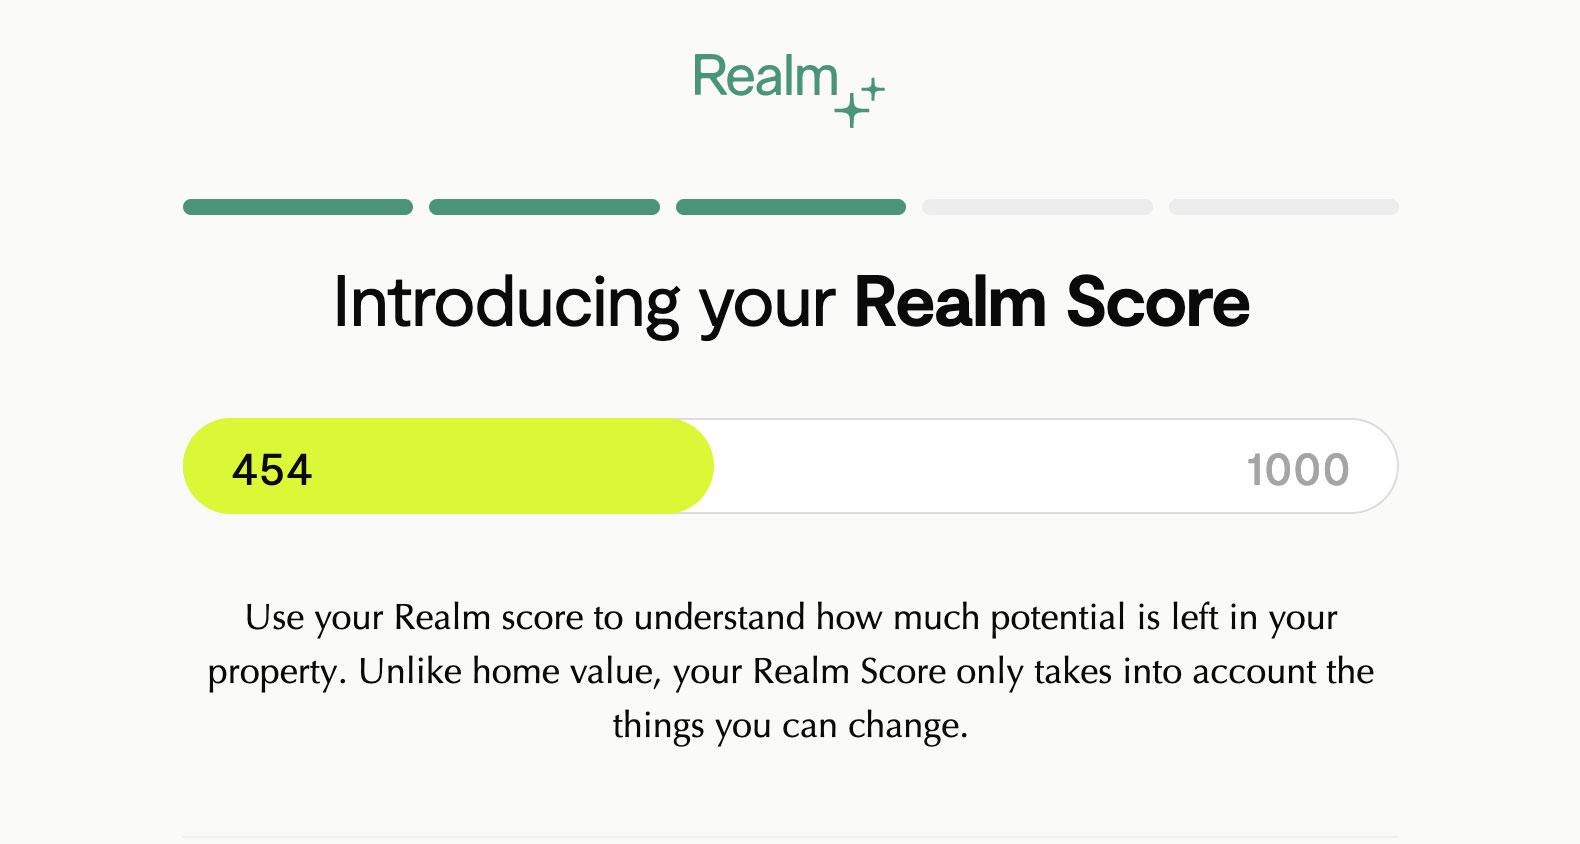 Realm Score